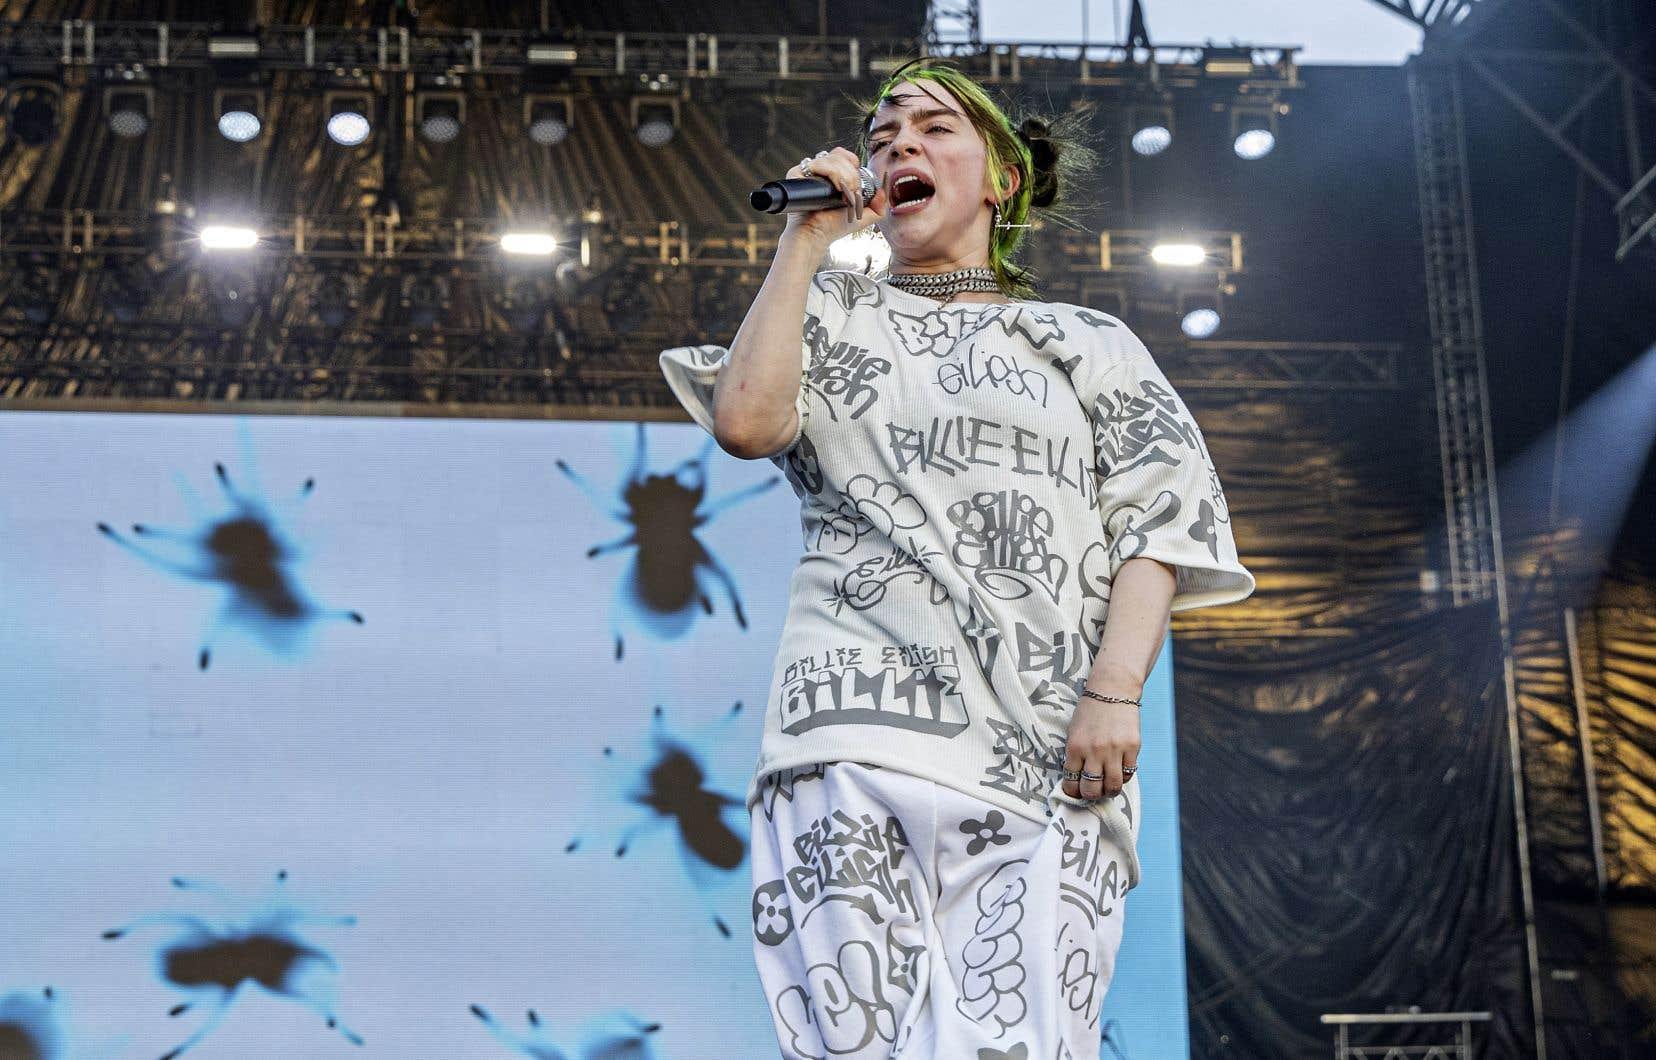 Au gala Apple, Billie Eilish se verra remettre les prix de l'Artiste de l'année et de l'Album de l'année.